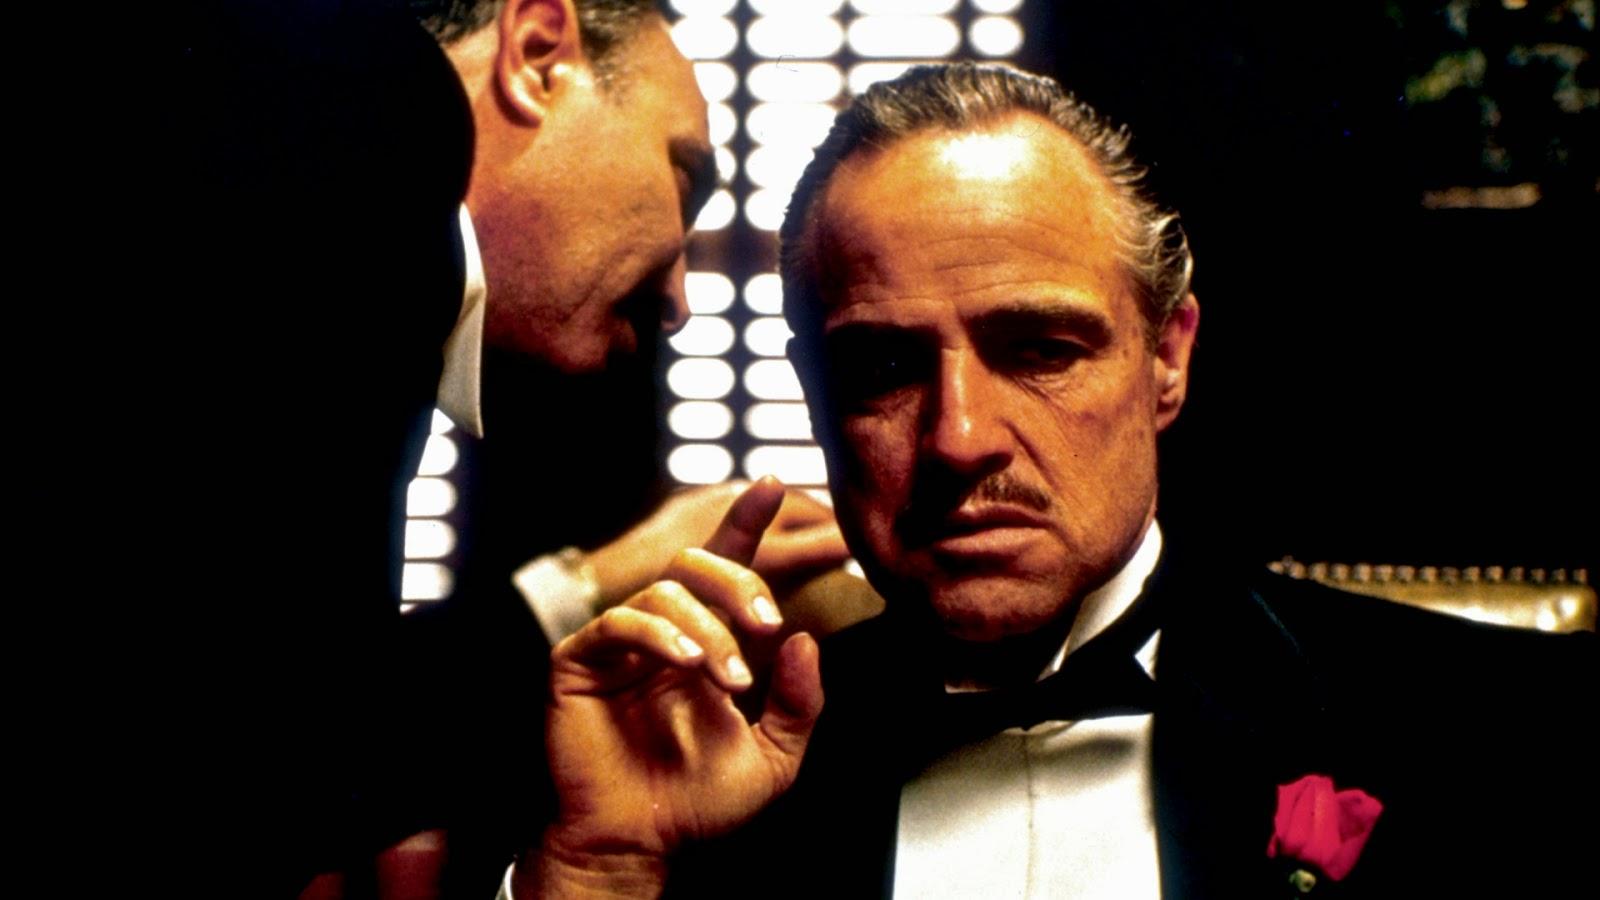 """Marlon Brando Ganhou o Oscar de Melhor Ator por Don Corleone, em """"O Poderoso Chefão"""""""